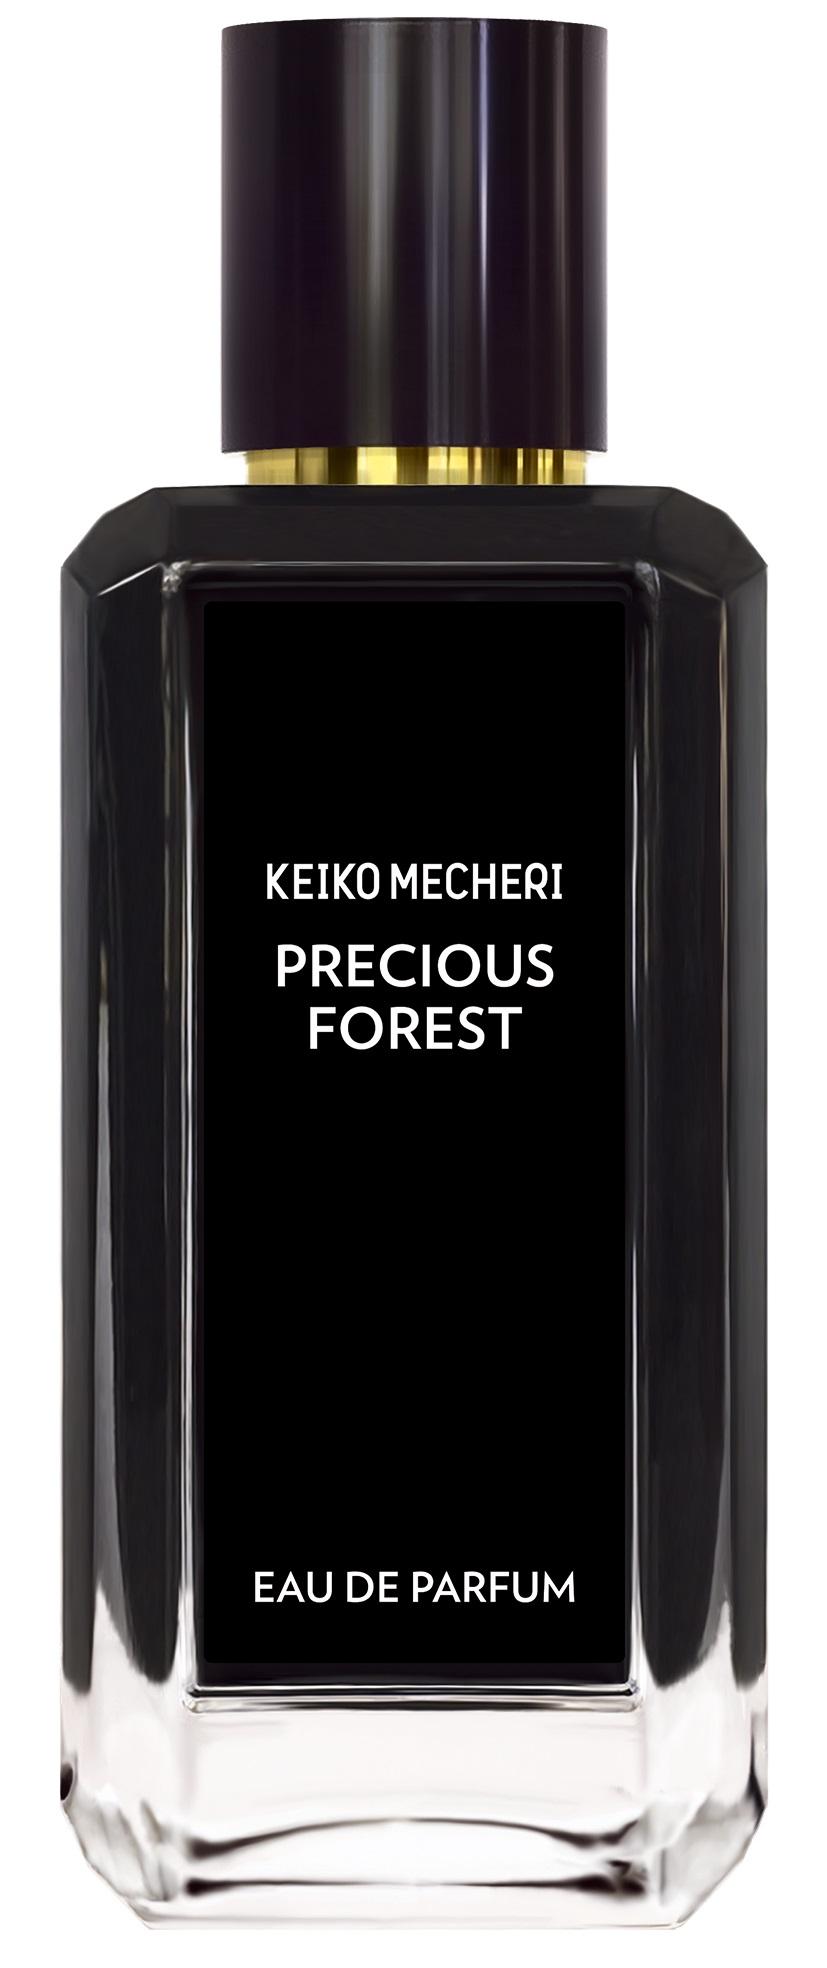 Keiko Mecheri Precious Forest edp 100 ml.